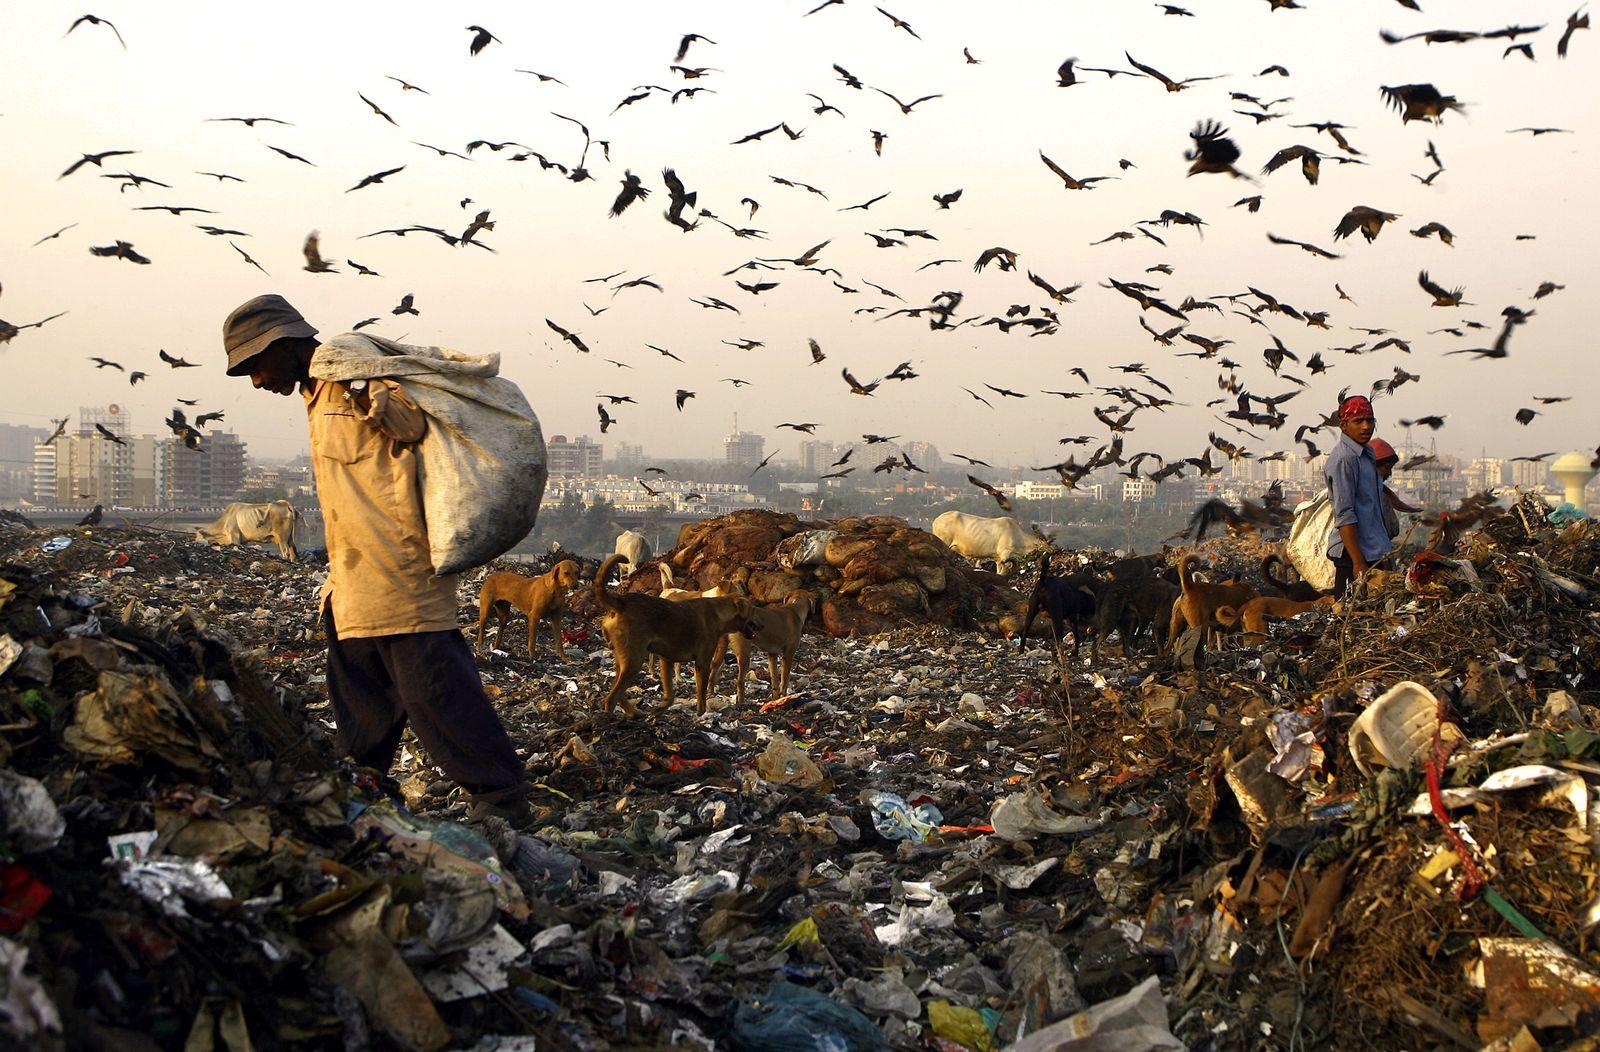 Indien / Mülldeponie